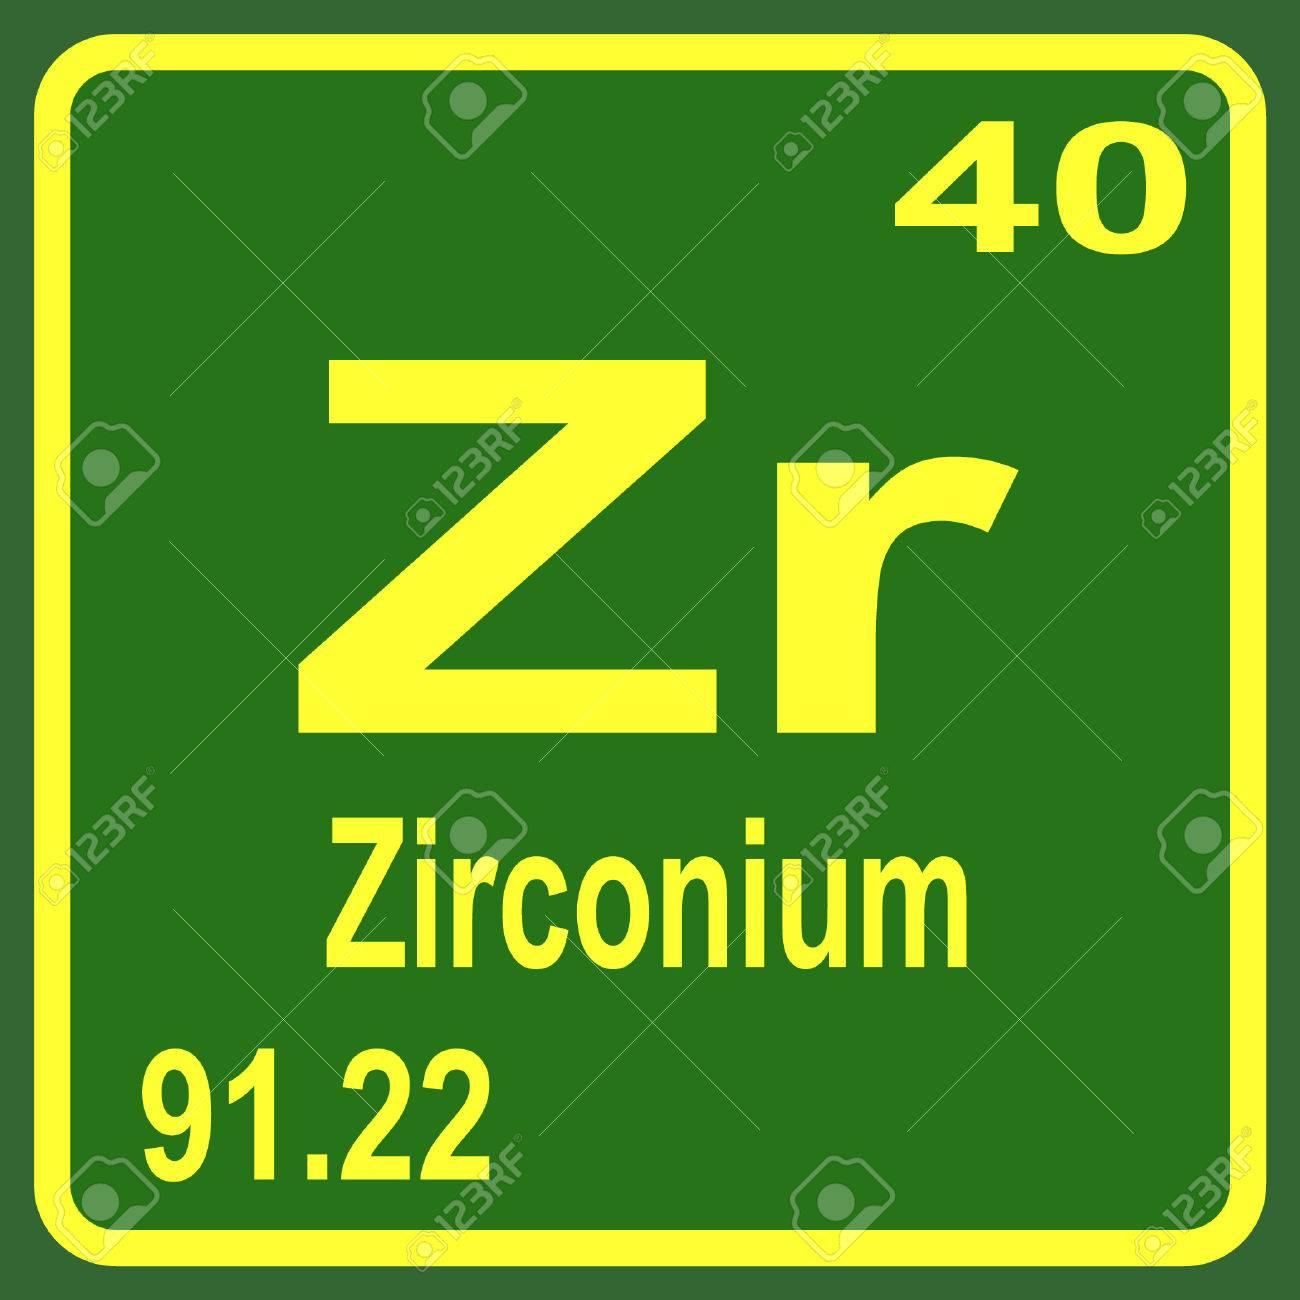 Zirconium chemical element symbol periodic map of japan and periodic table of elements zirconium royalty free cliparts 53901643 periodic table of elements zirconium stock vector gamestrikefo Images